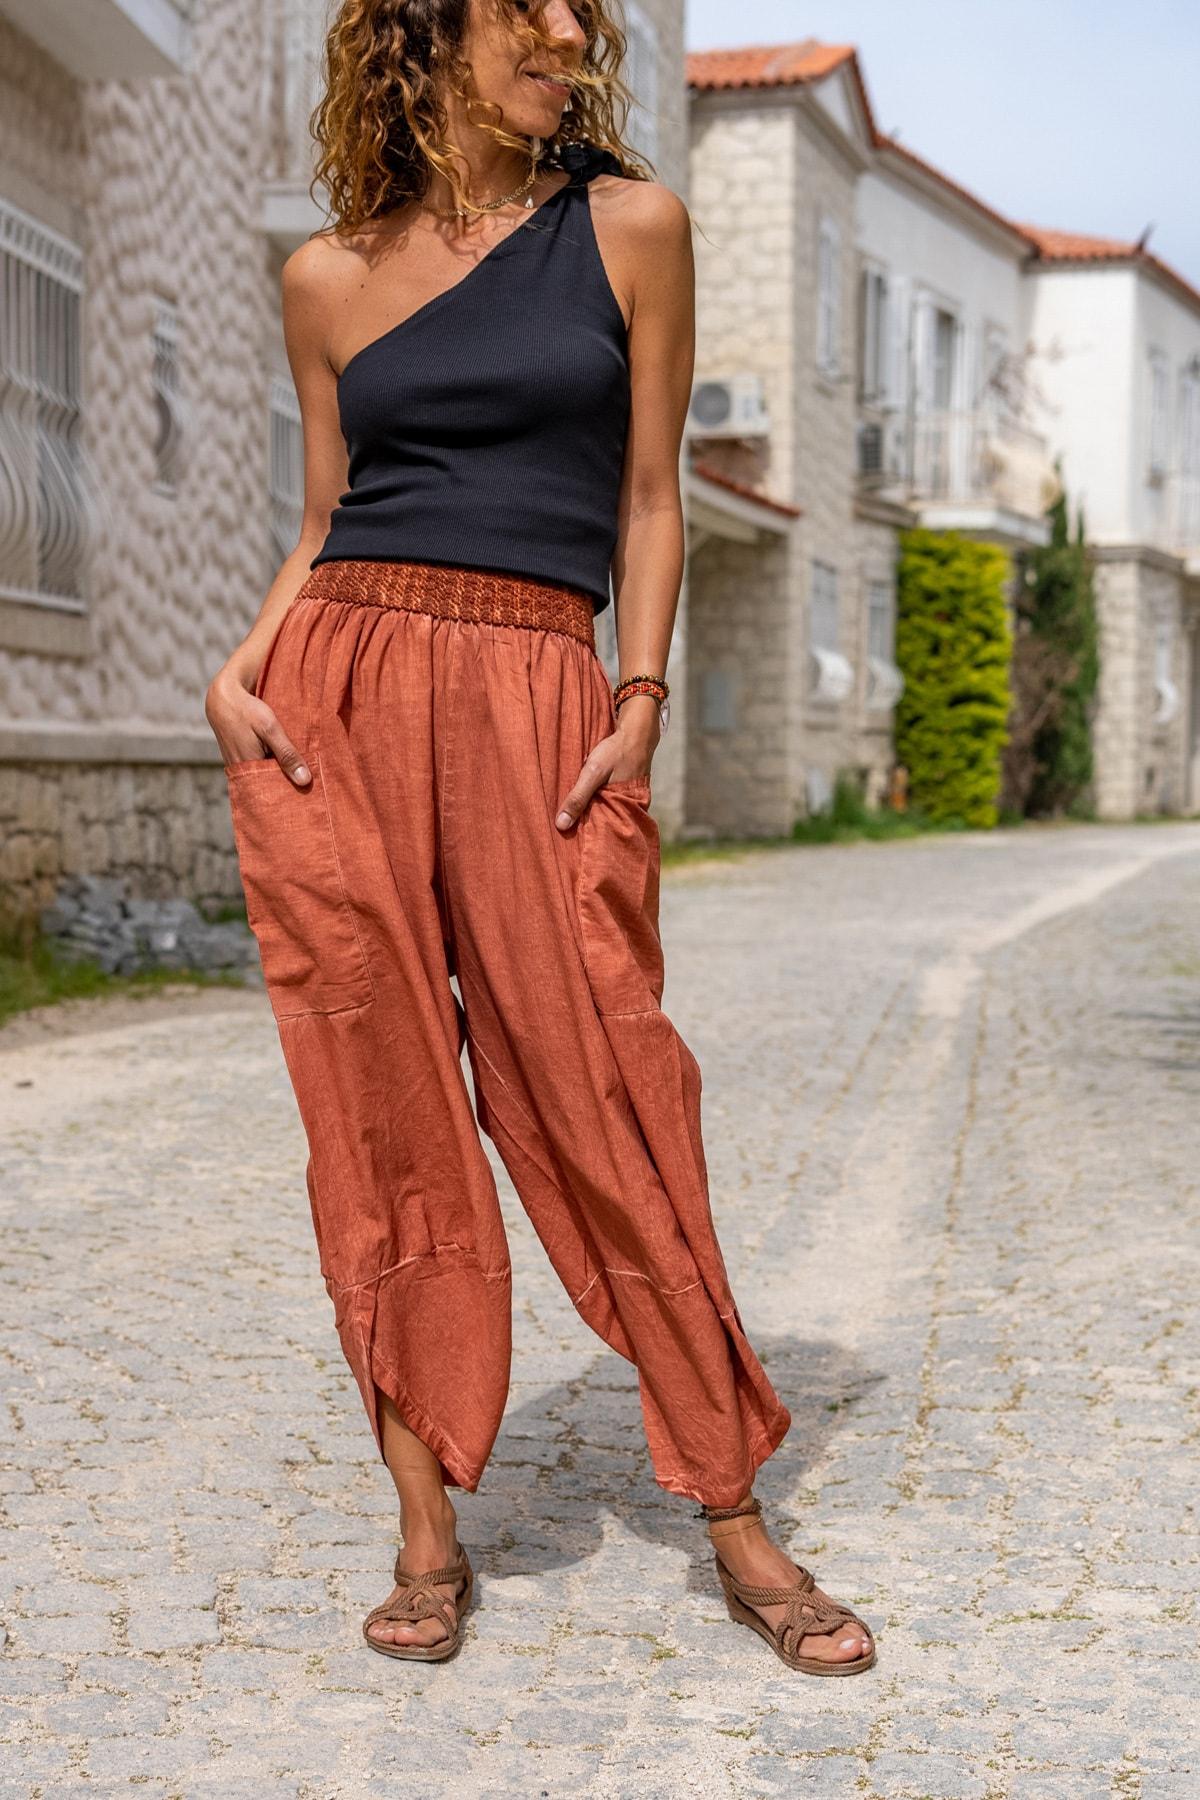 Güneşkızı Kadın Kiremit Yıkamalı Keten Cepli Beli Lastikli Şalvar Pantolon GK-CCK58048 0